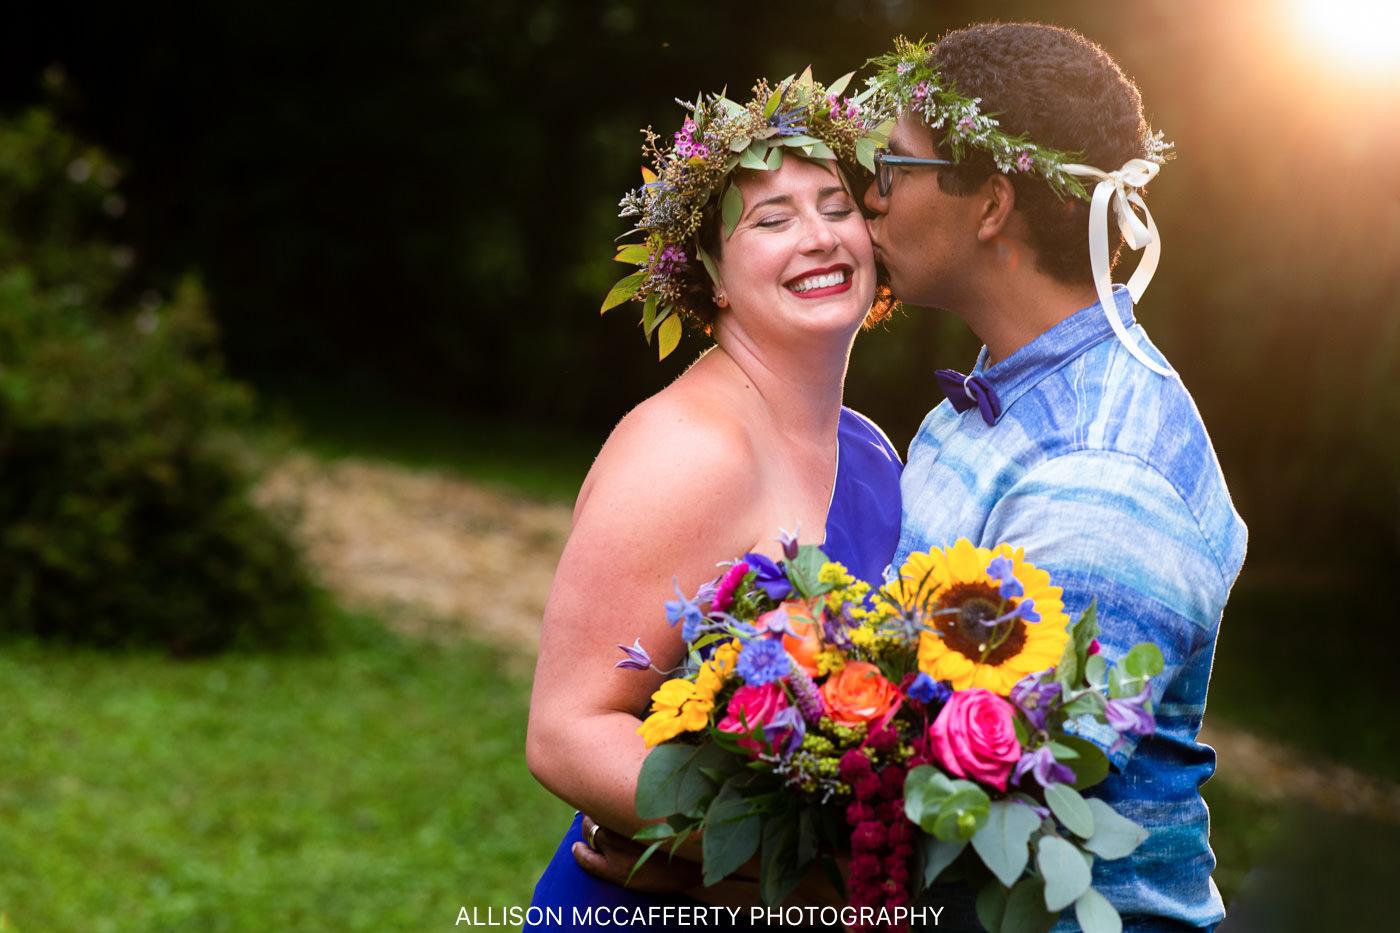 Curtis & Karen | A Reinholds, PA Backyard Wedding